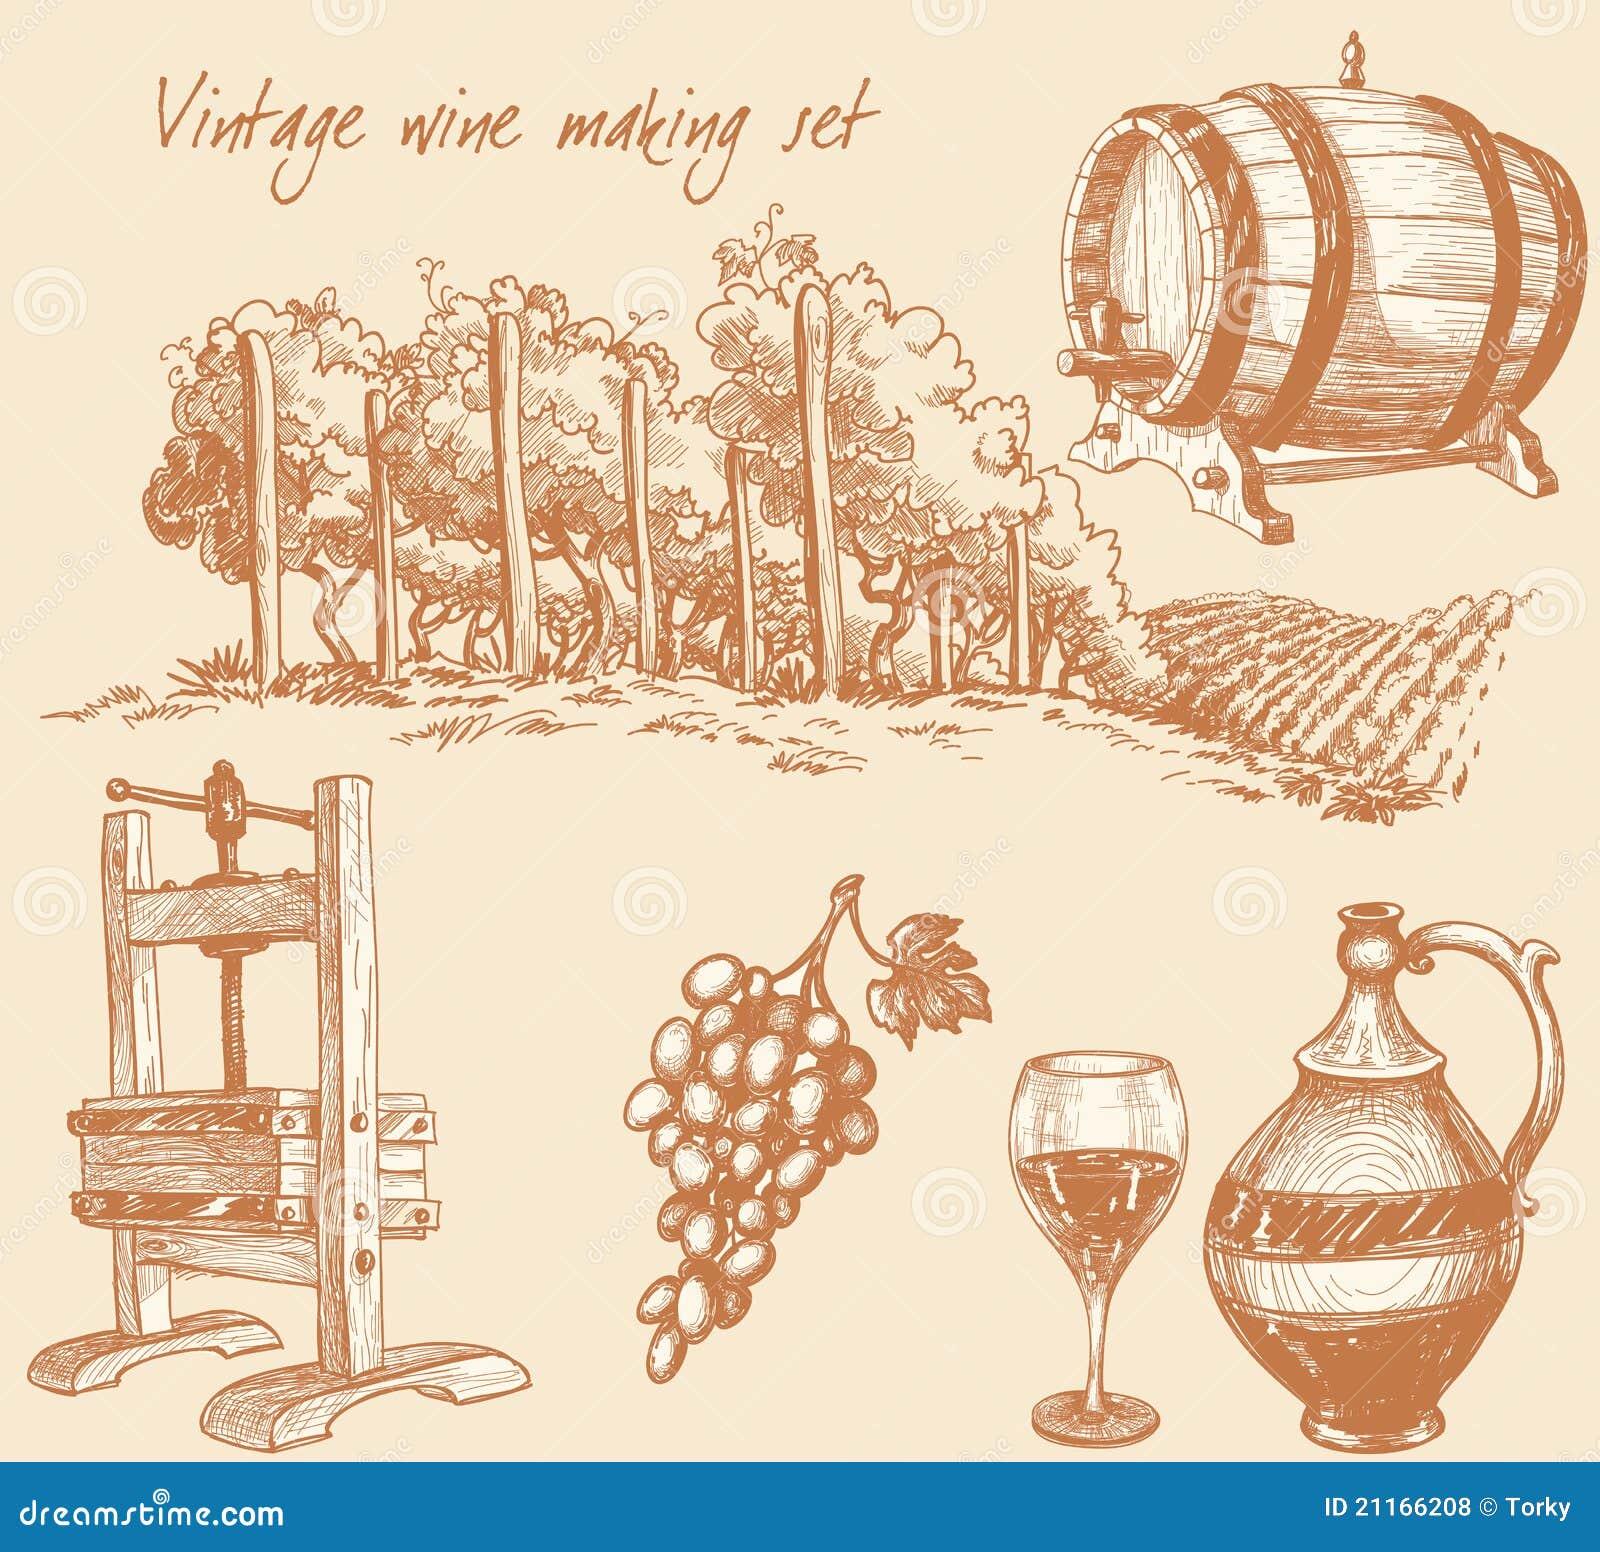 Vintage wine and wine making set